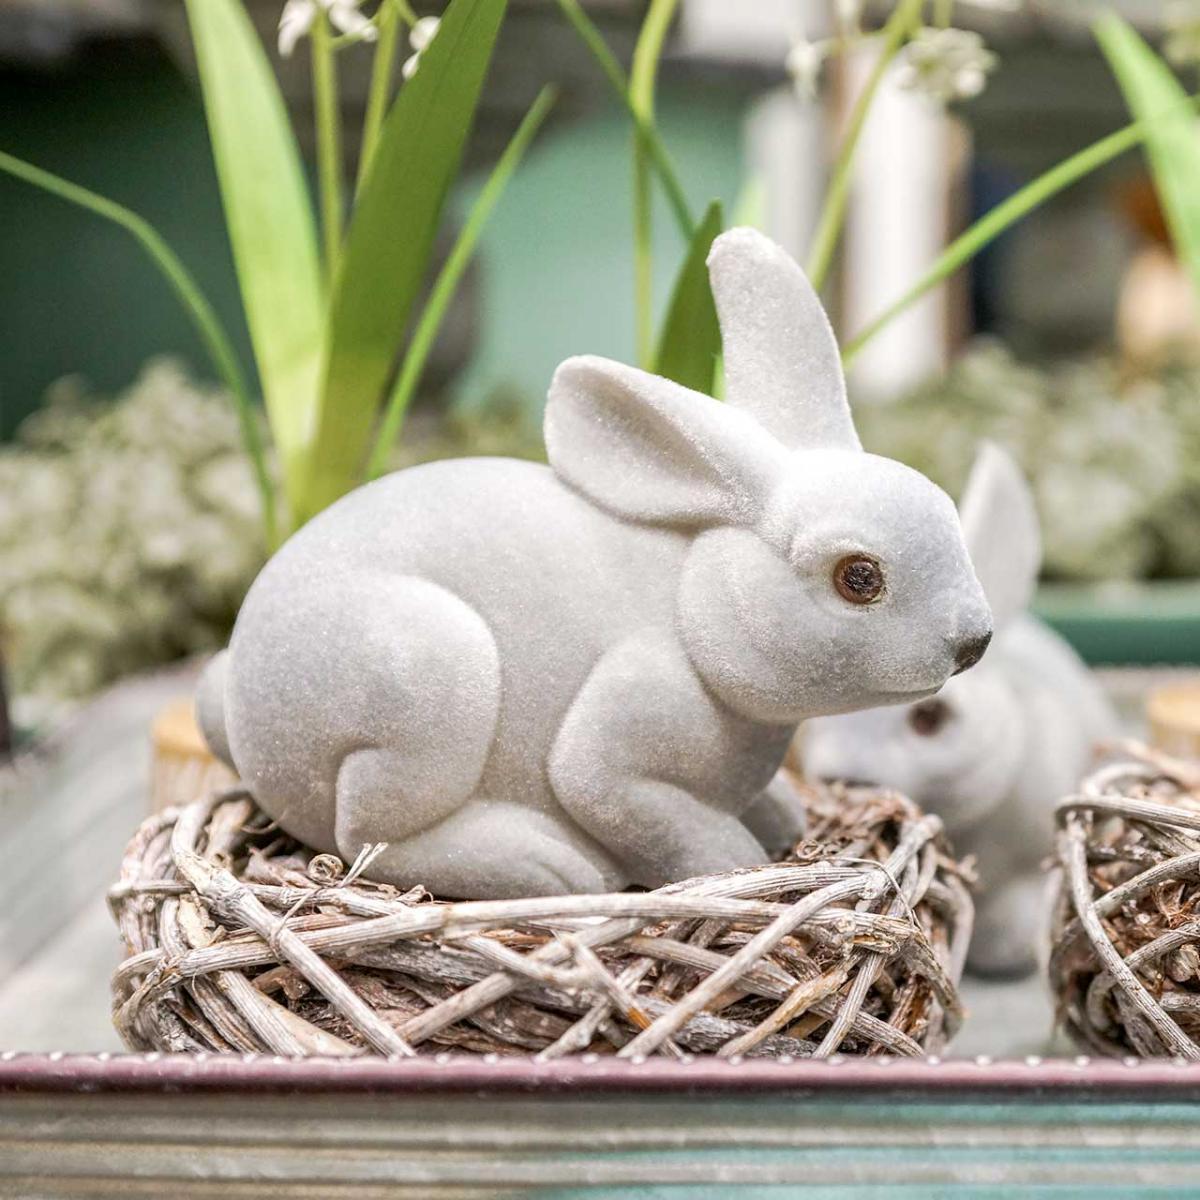 Koristeellinen hahmo pupu harmaa, kevät koriste, pääsiäispupu istuu flocked 3kpl